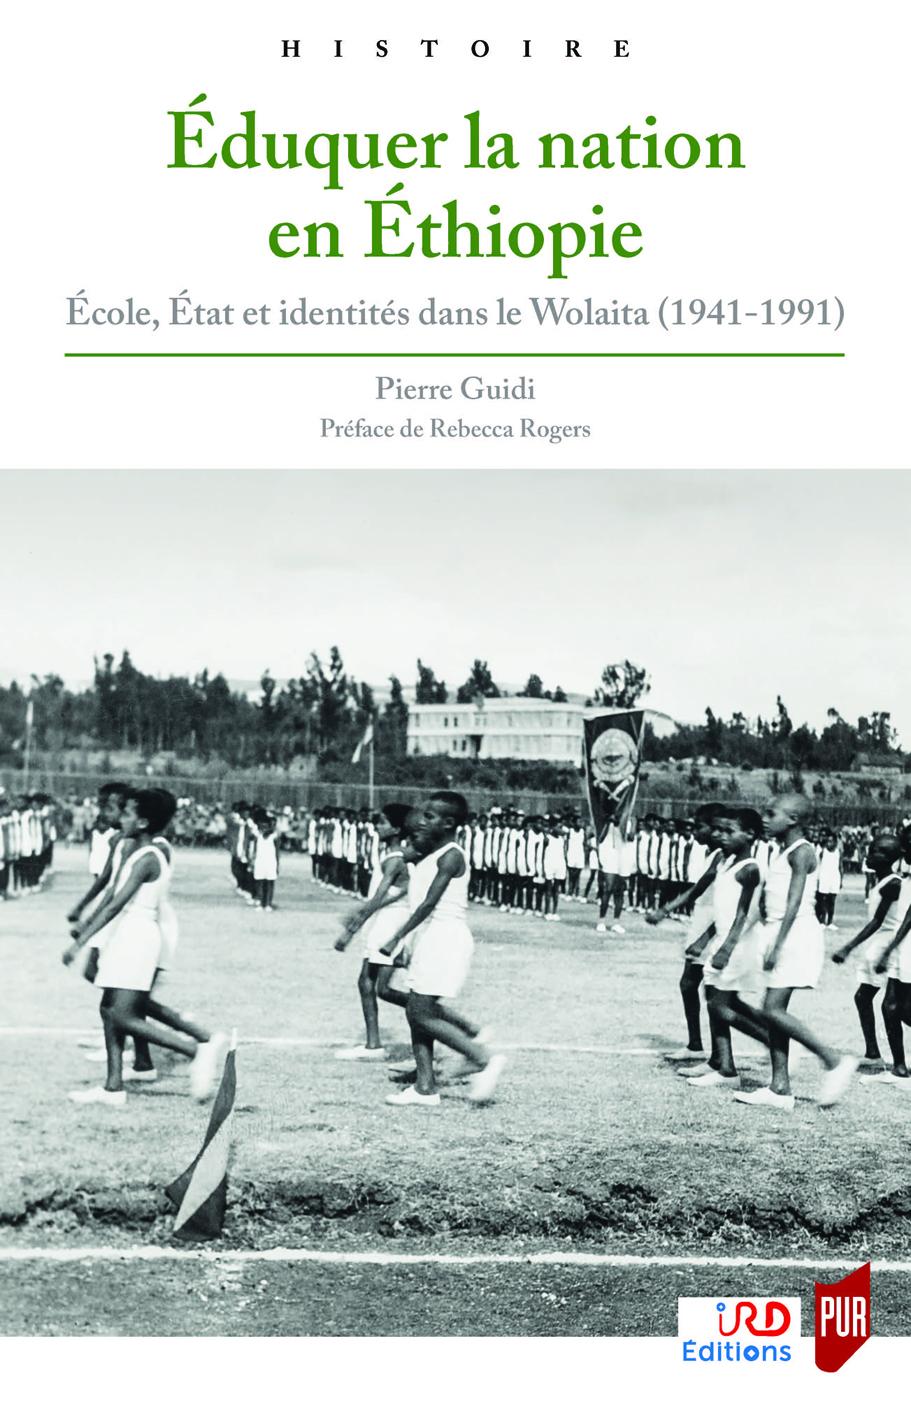 Couverture du livre de P. Guidi